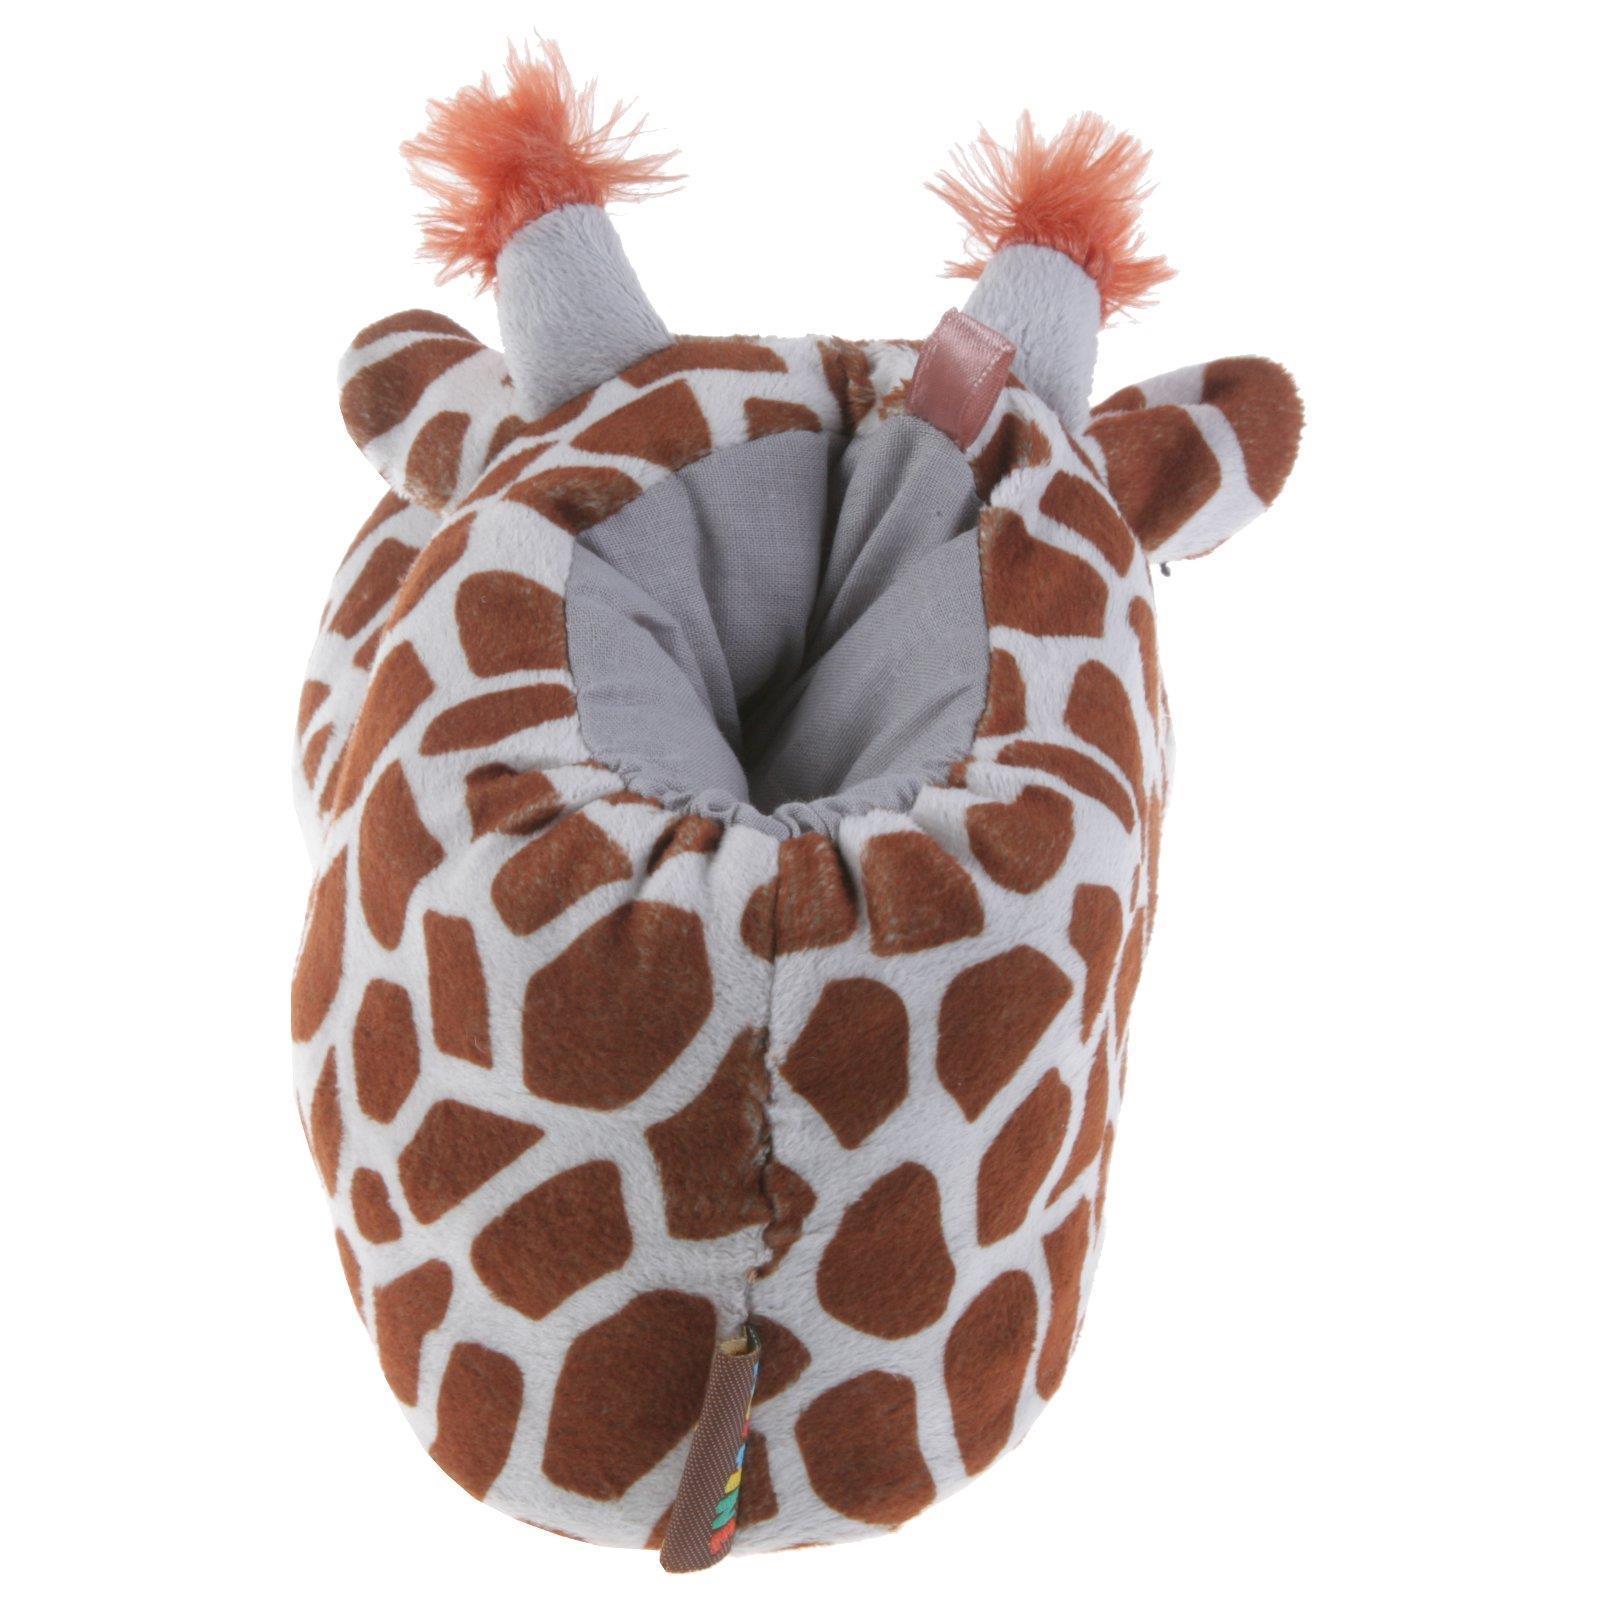 Giraffe Tier Hausschuhe Pantoffel Schlappen Kuscheltier Plüsch Damen Beige 35-41